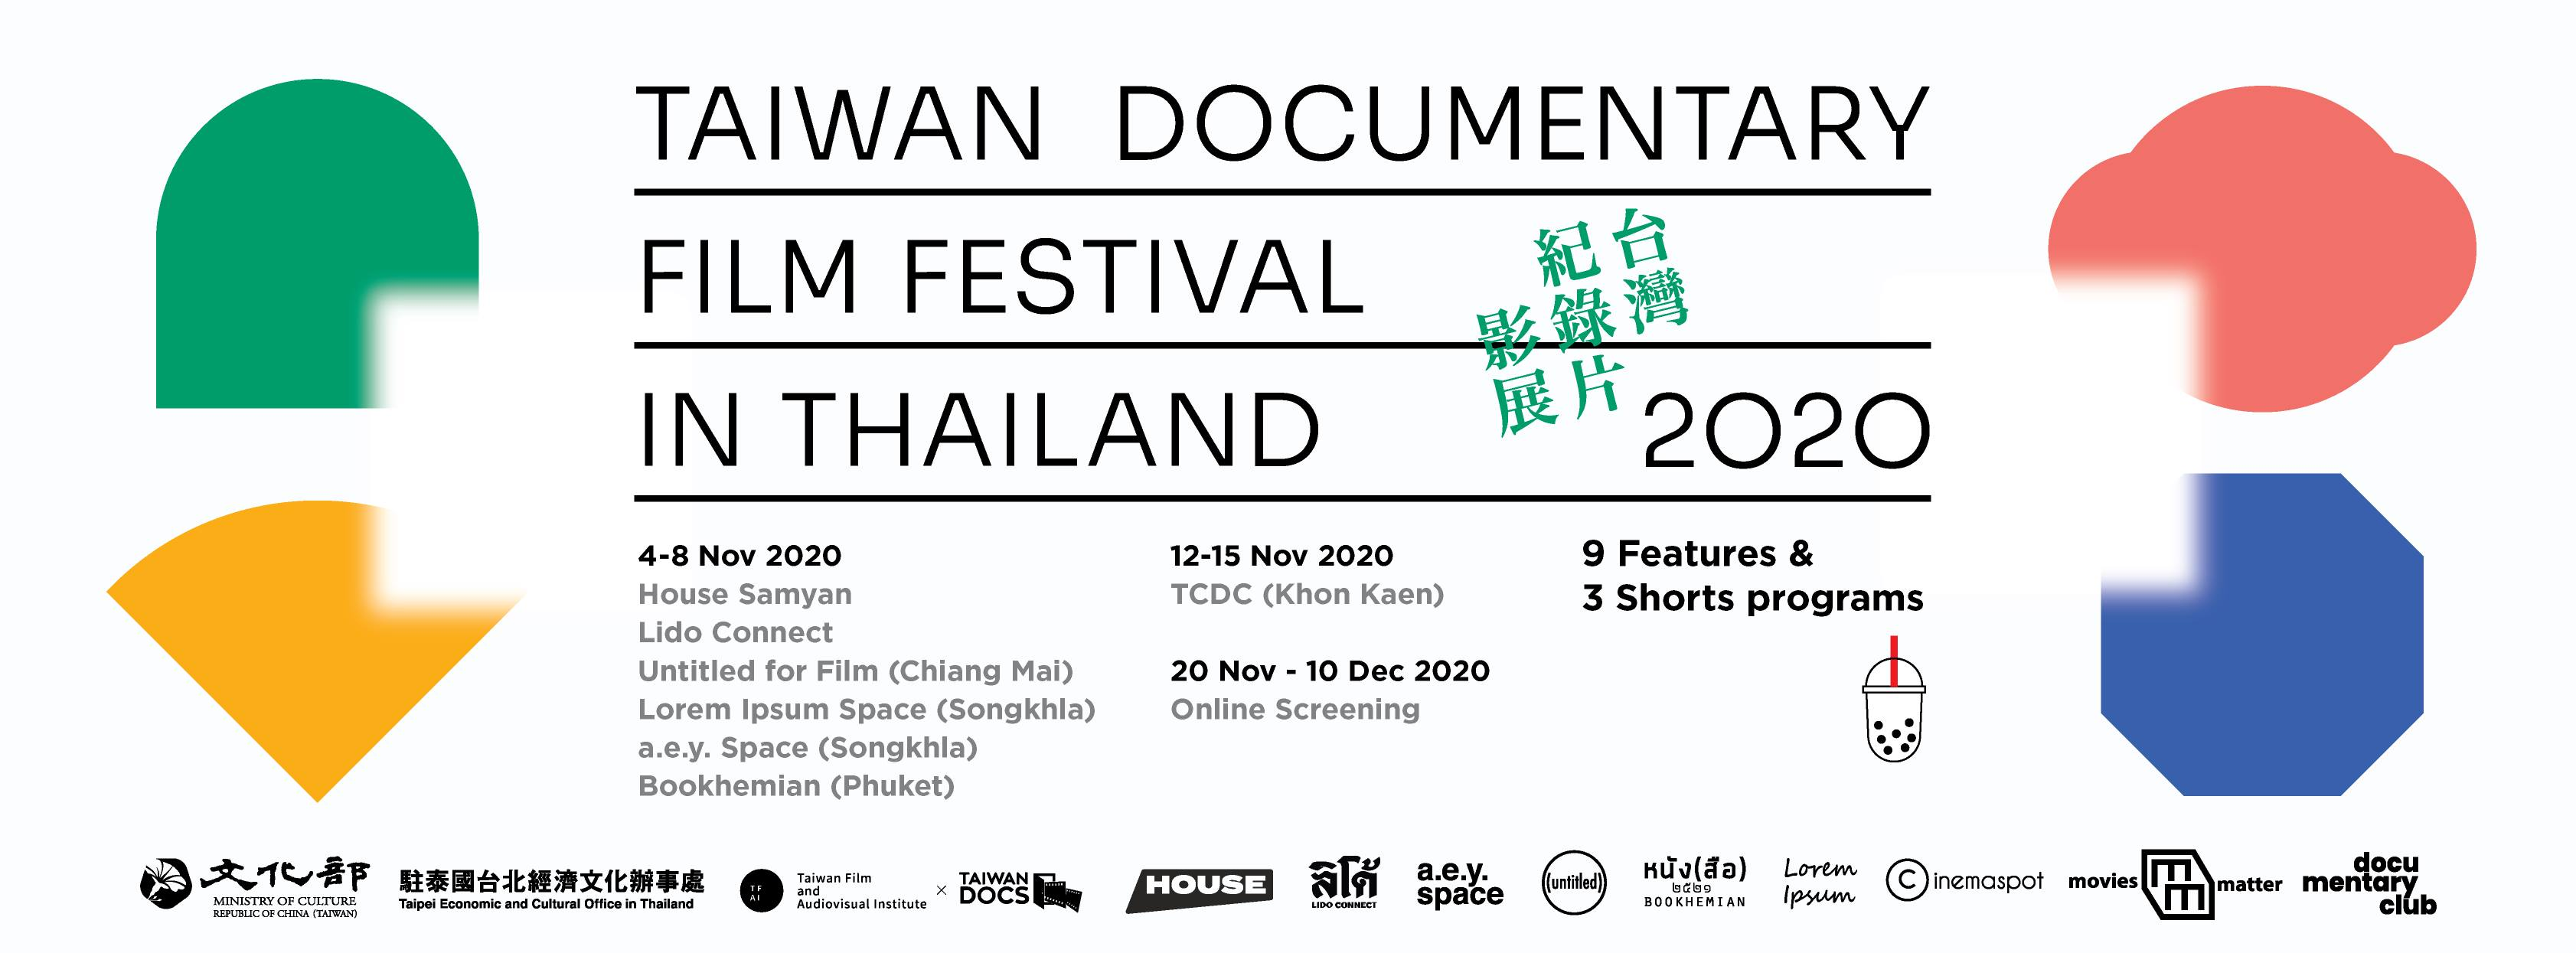 第三屆「泰國台灣紀錄片影展」共推出九部長片和十二部短片,今年首度加入劇情片放映,增加影展多元可看性